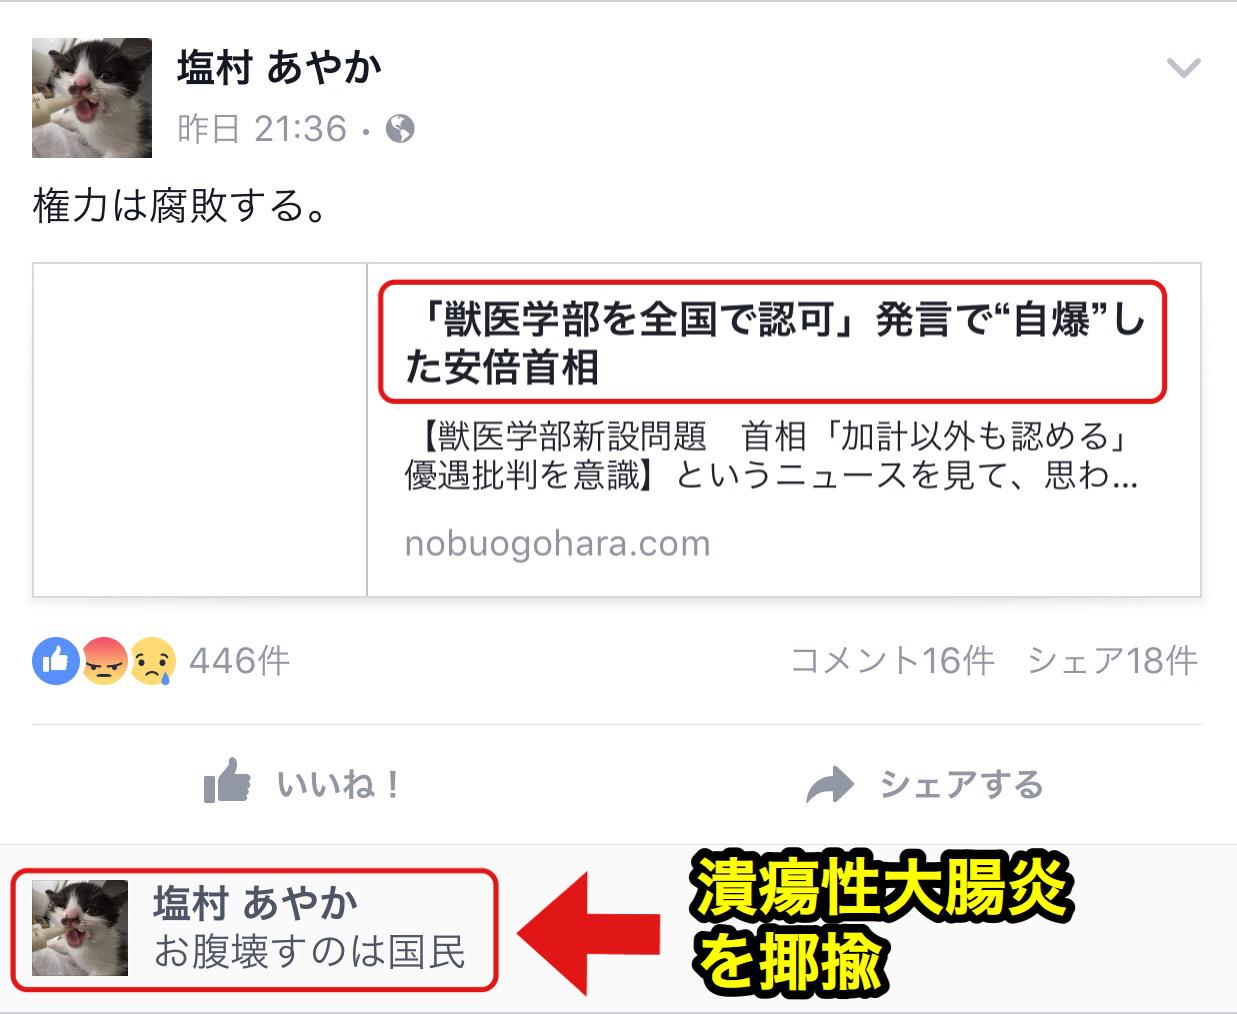 民進党の塩村文夏が安倍首相の潰瘍性大腸炎を揶揄